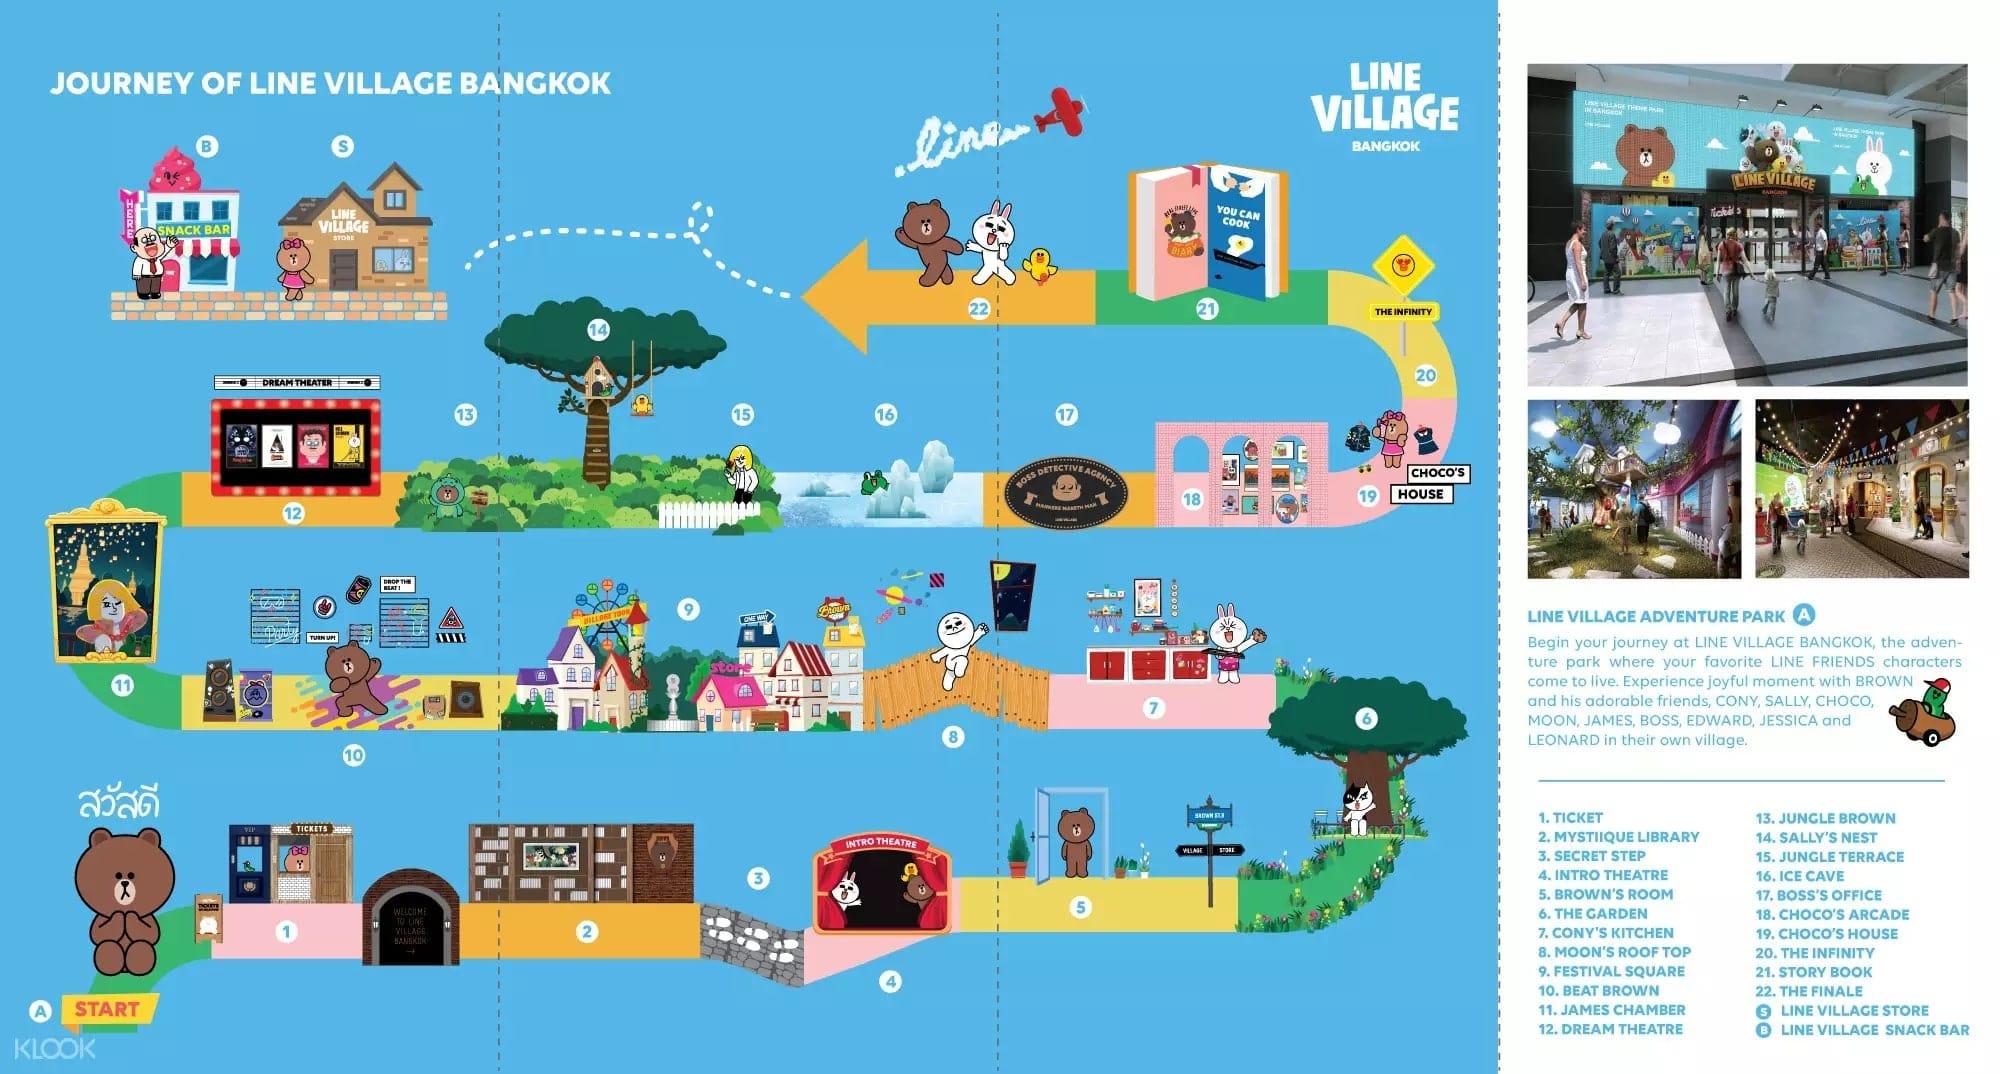 bản đồ bên trong line village bangkok